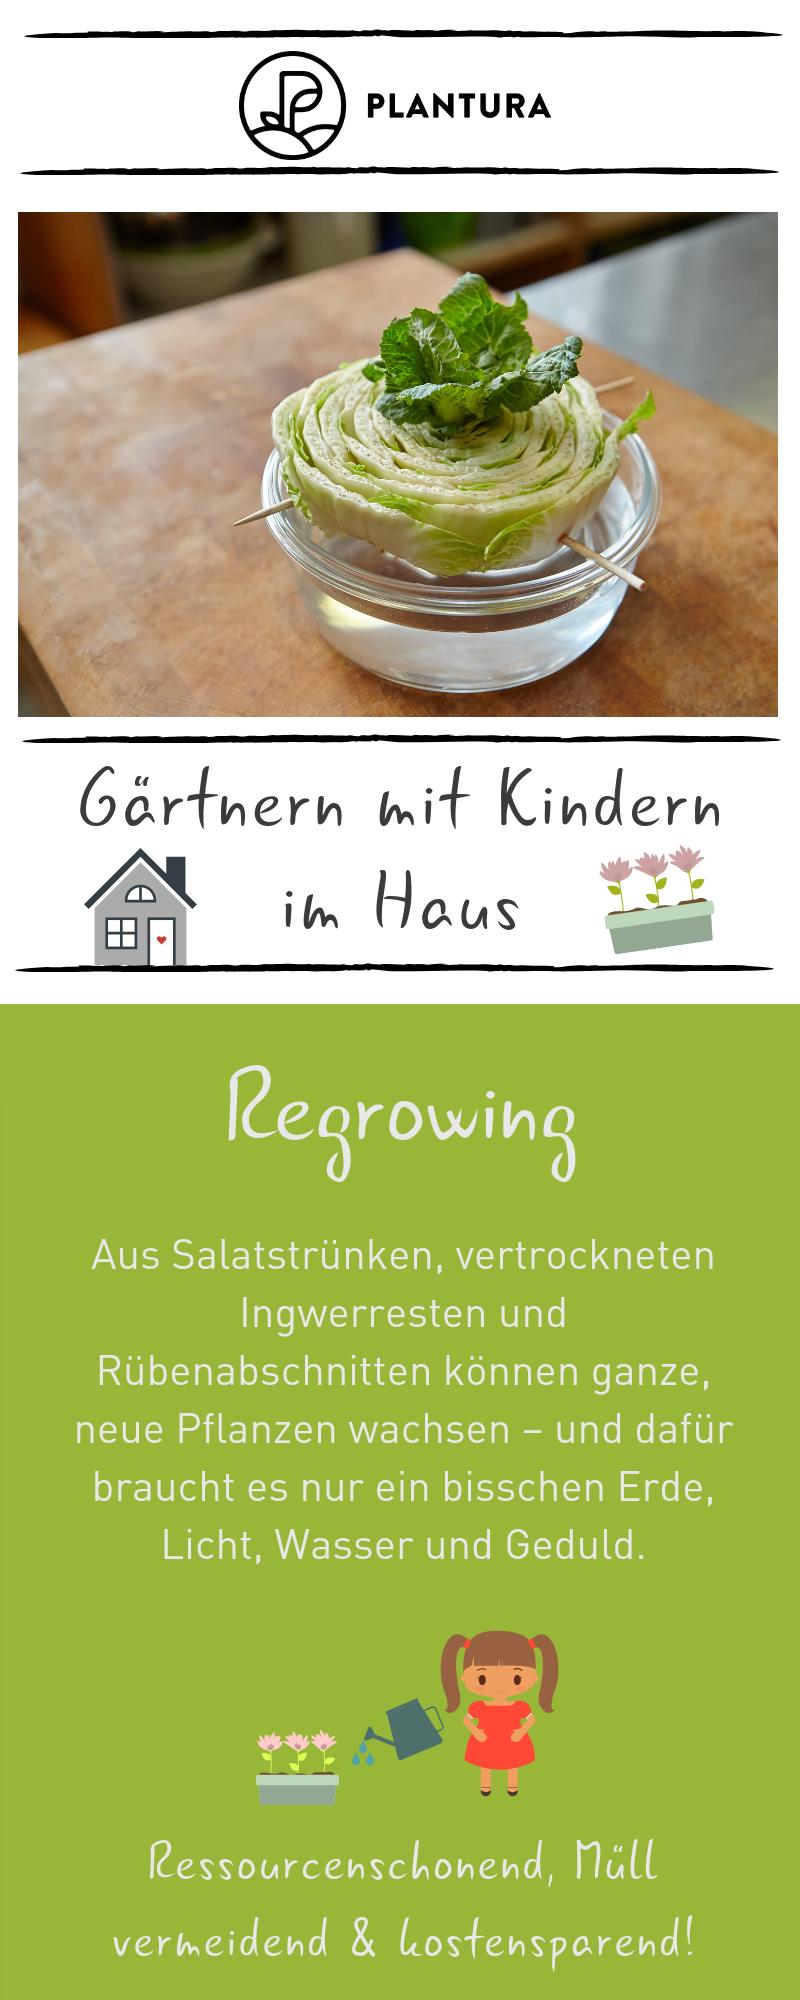 Gärtnern mit Kindern im Haus: Regrowing & andere Inspirationen - Plantura